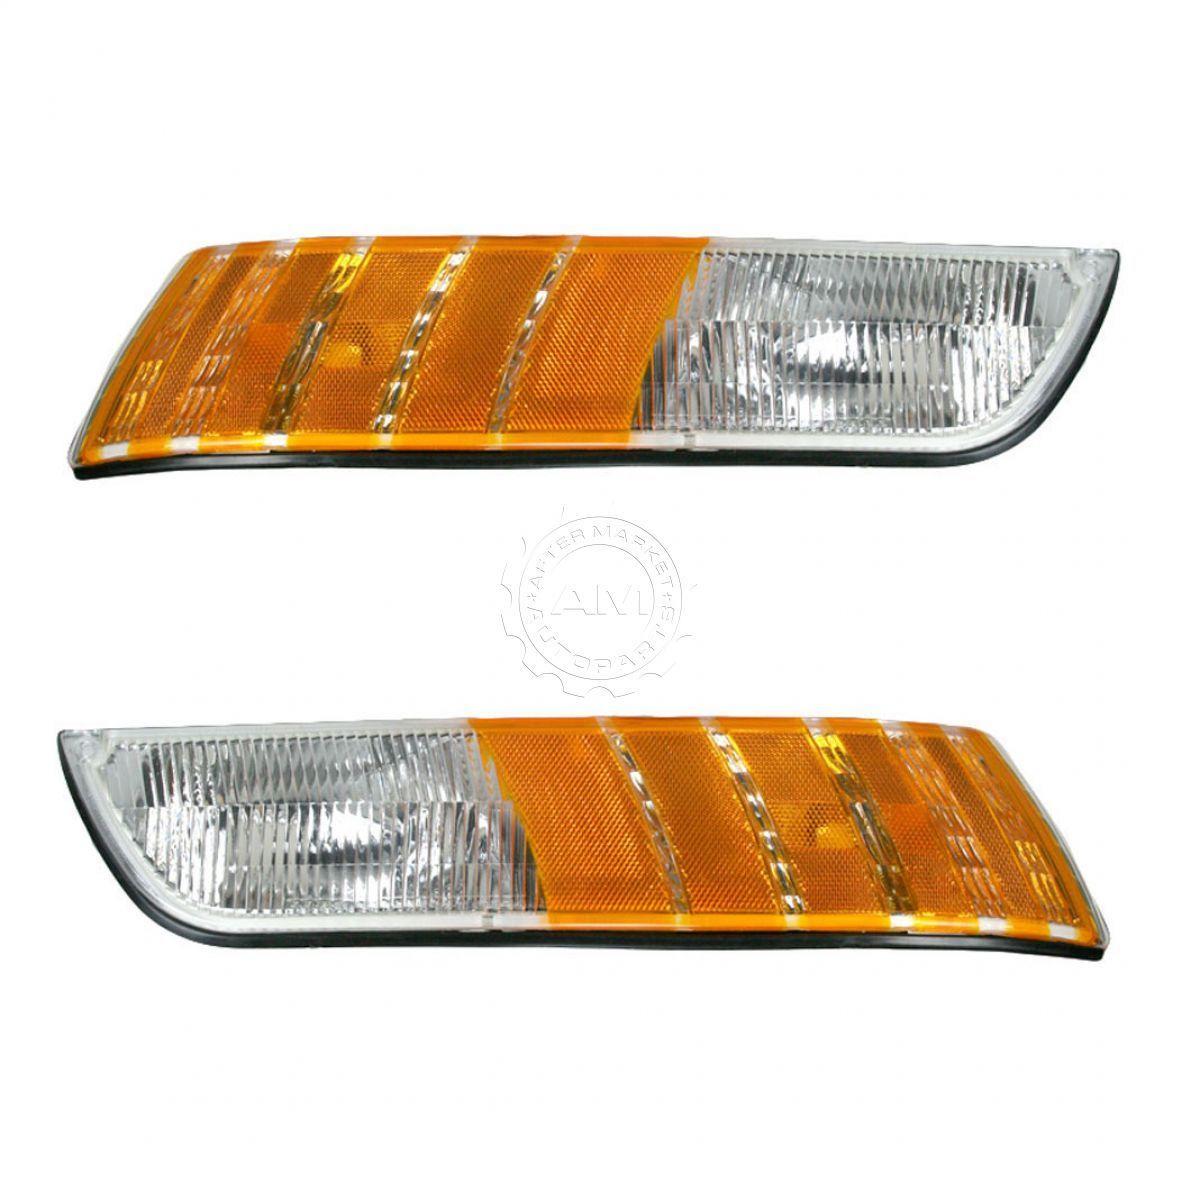 コーナーライト Parking Light Pair for Grand Marquis 92-94 w/ Corner Light コーナーライト付きグランドマーキス92-94の駐車ライトペア